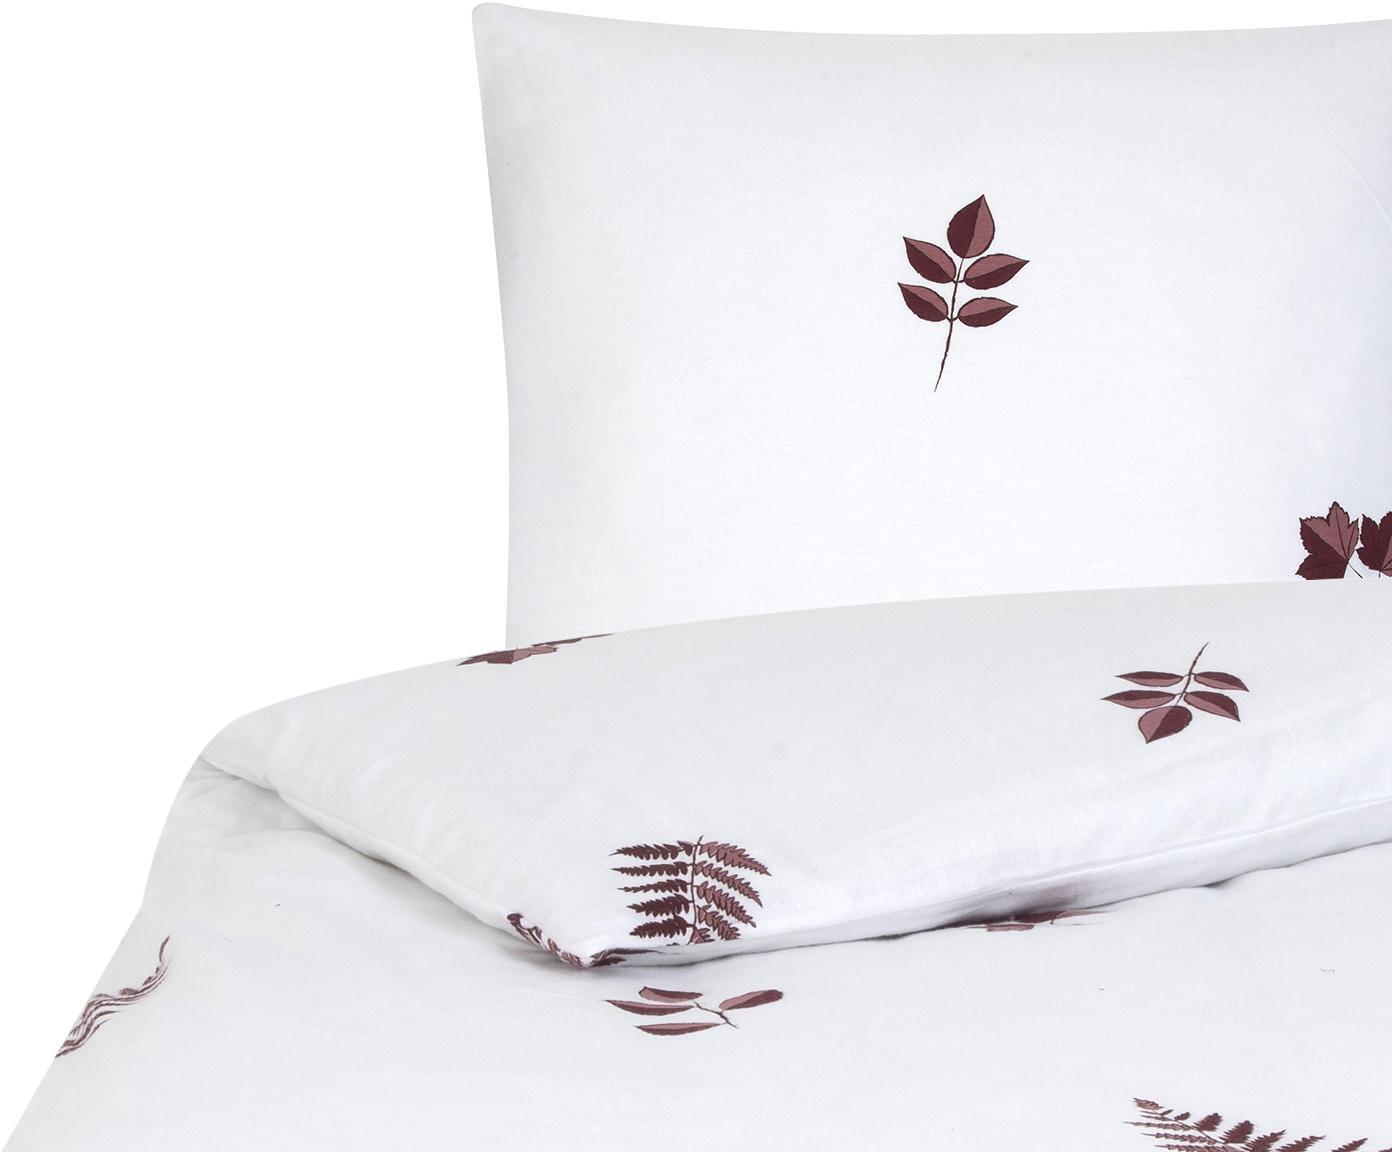 Flanell-Bettwäsche Fraser mit winterlichem Blattmuster, Webart: Flanell Flanell ist ein s, Bordeaux, Weiss, 135 x 200 cm + 1 Kissen 80 x 80 cm